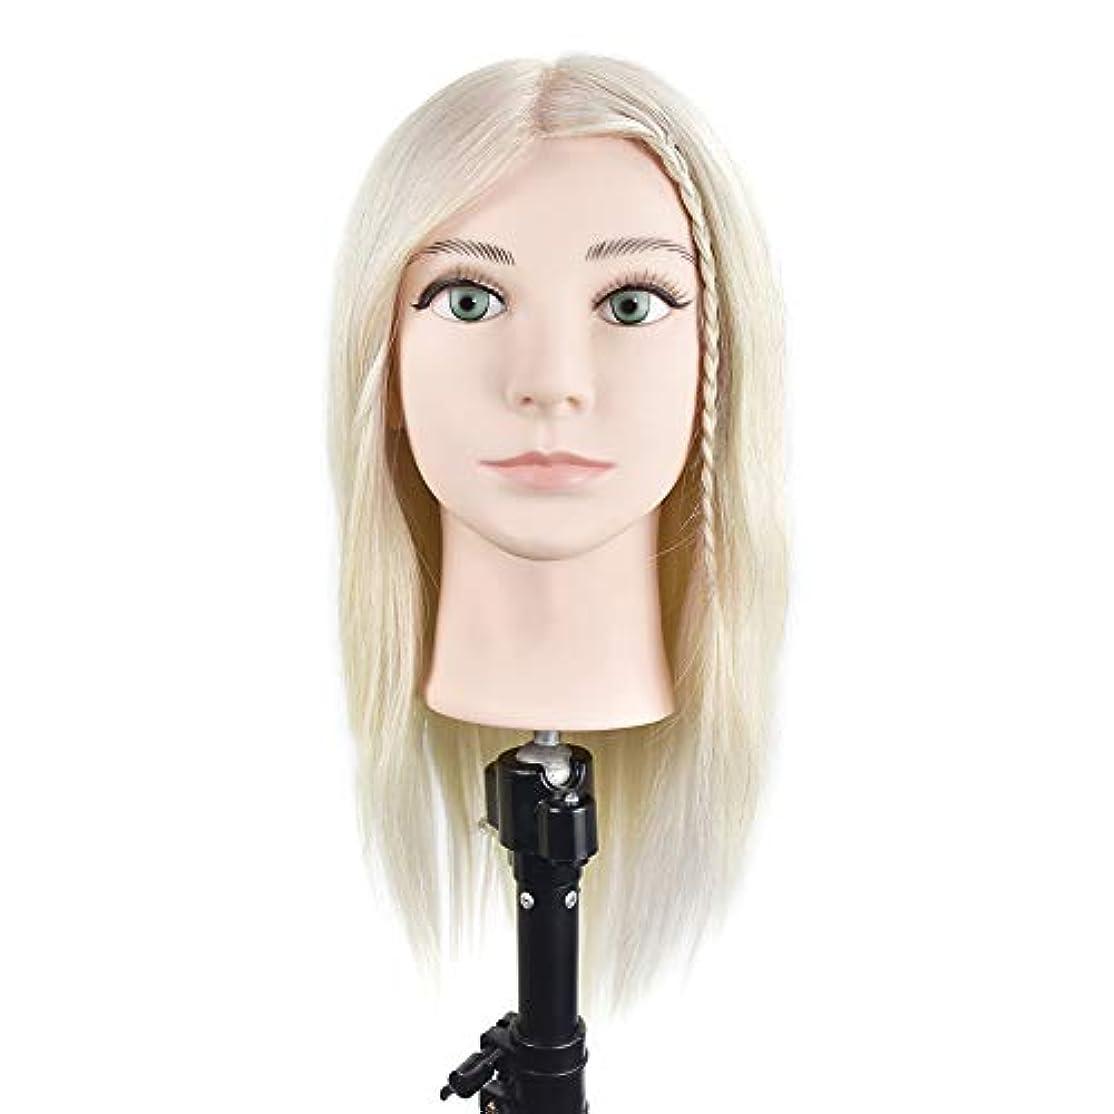 稼ぐ頬骨信頼性専門の練習ホット染色漂白はさみモデリングマネキン髪編組髪かつら女性モデルティーチングヘッド